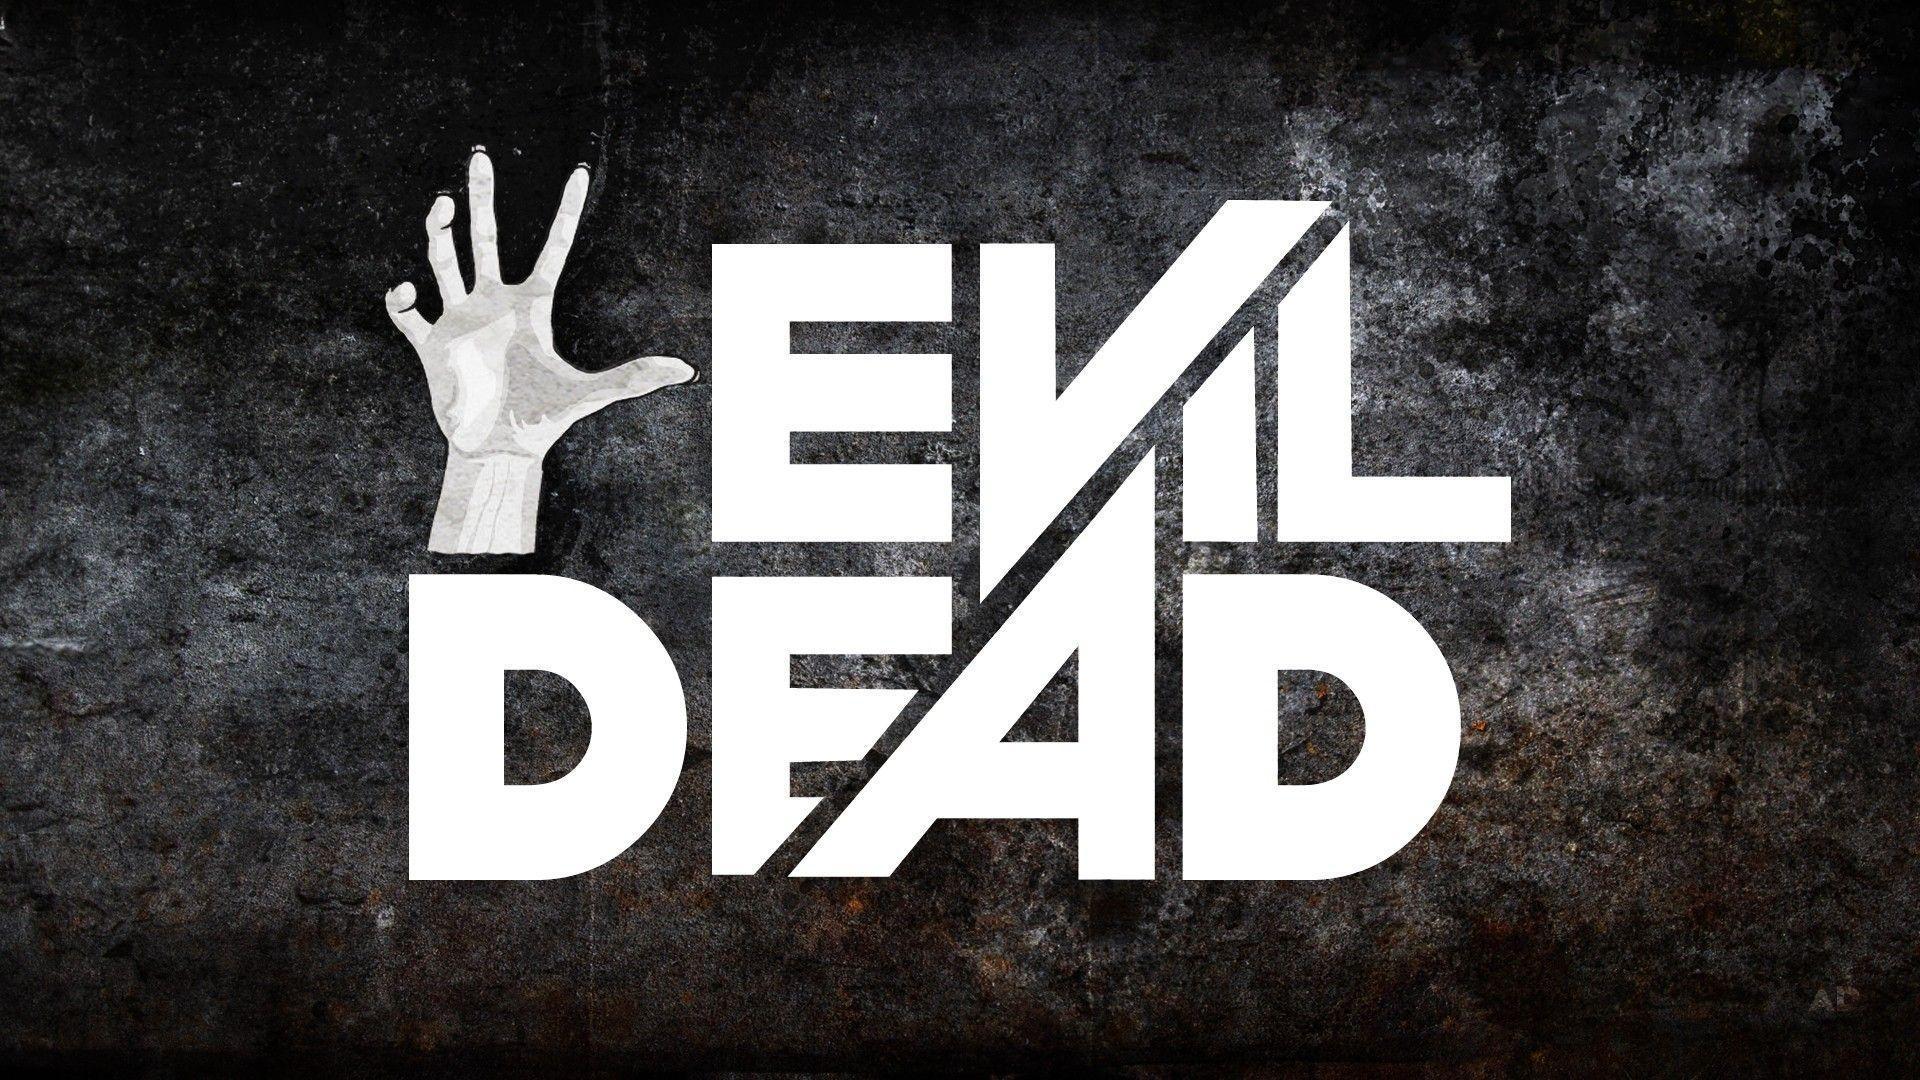 Evil Dead Wallpapers - Wallpaper Cave